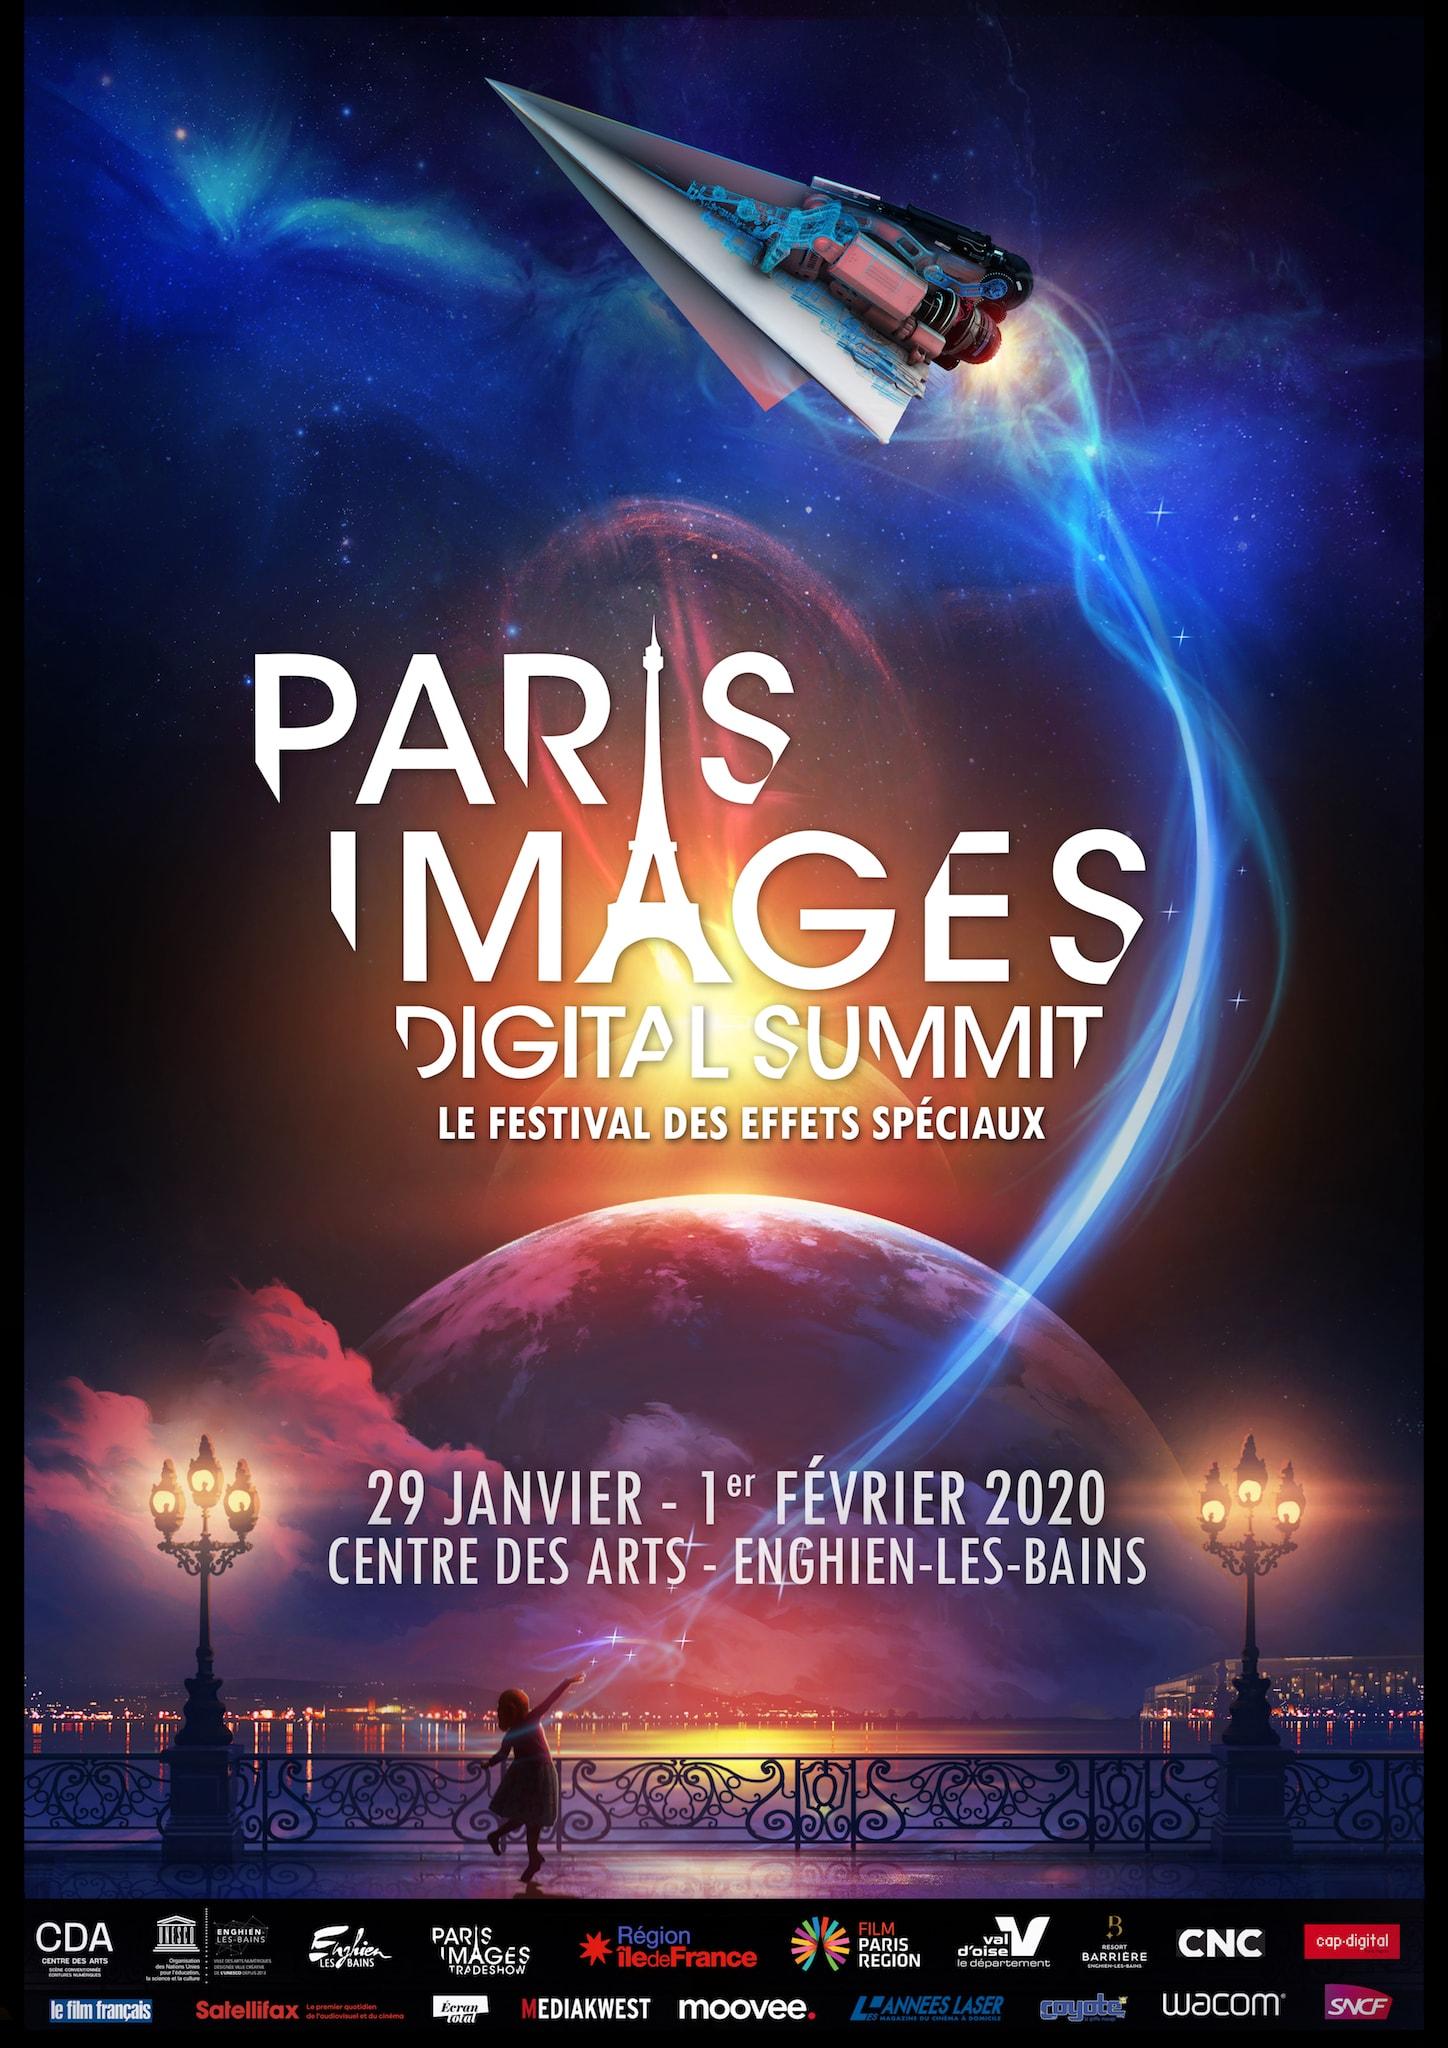 Paris Images Digital Summit 2020 affiche festival des effets spéciaux